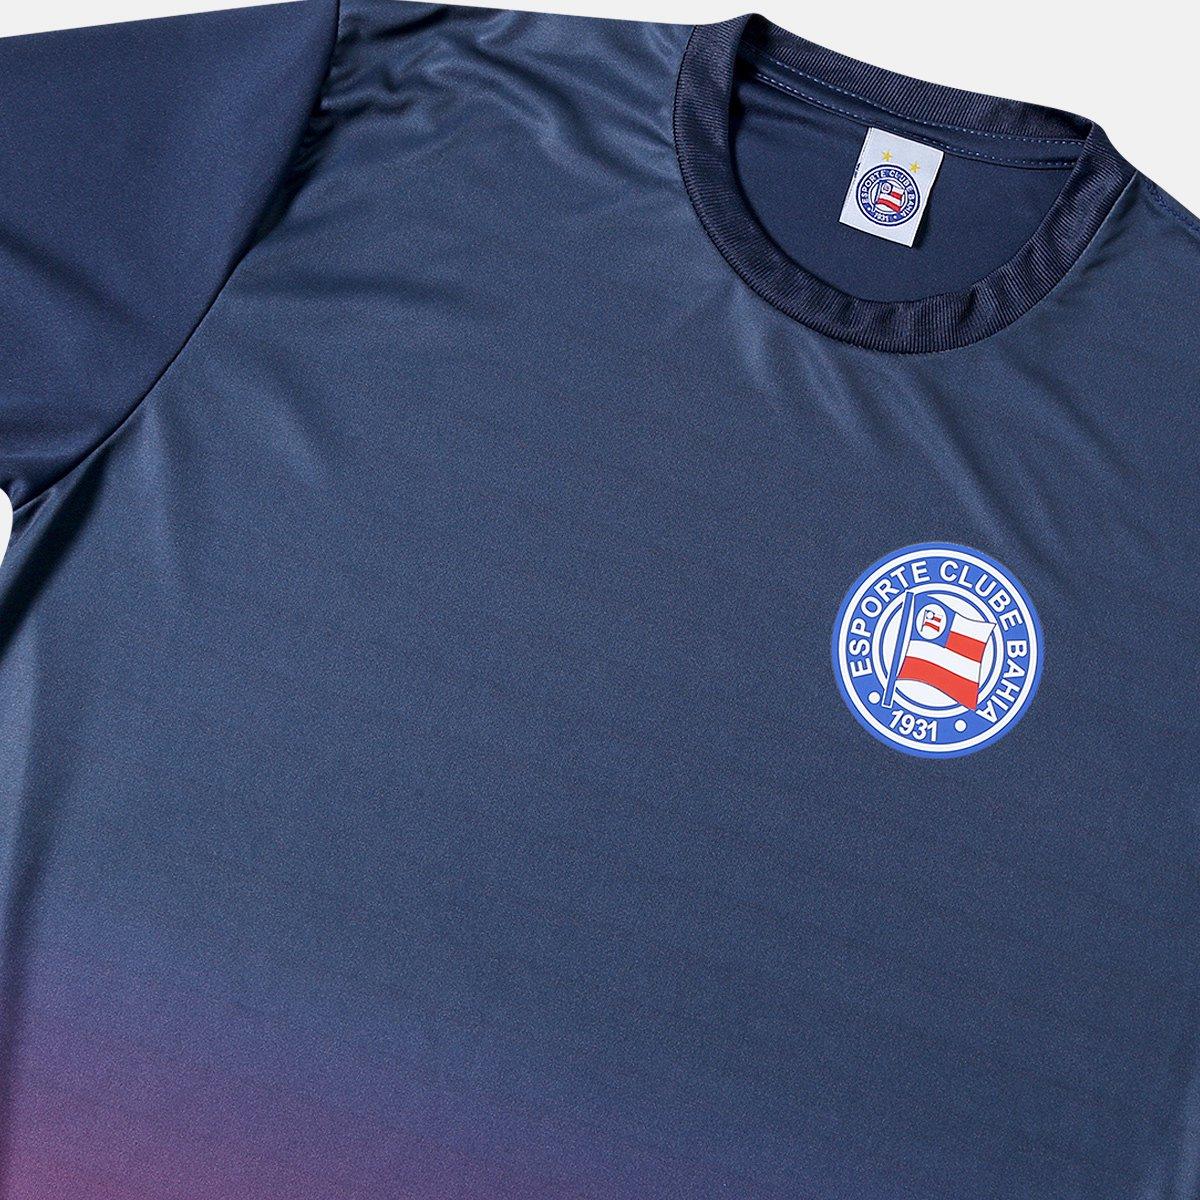 e017afd478 Camisa Bahia 2013 s nº Masculina - Marinho - Compre Agora